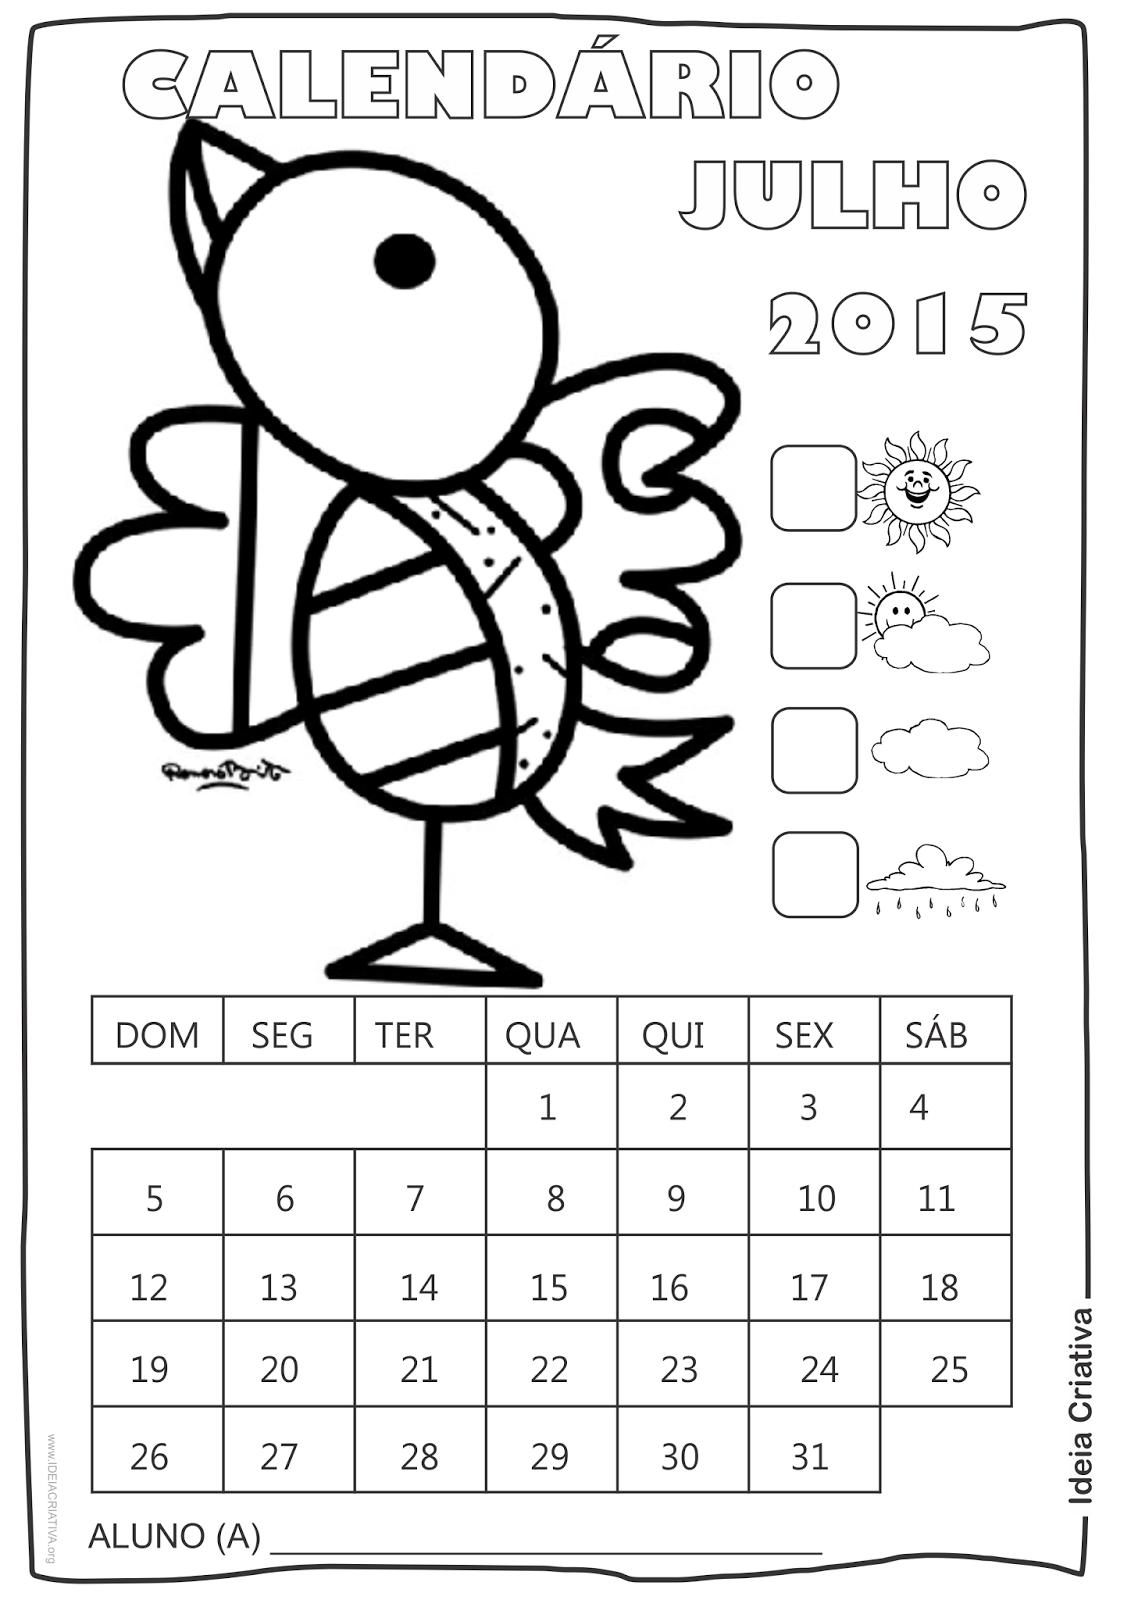 Calendário  Julho 2015 com Desenho Passarinho de Romero Britto para Colorir